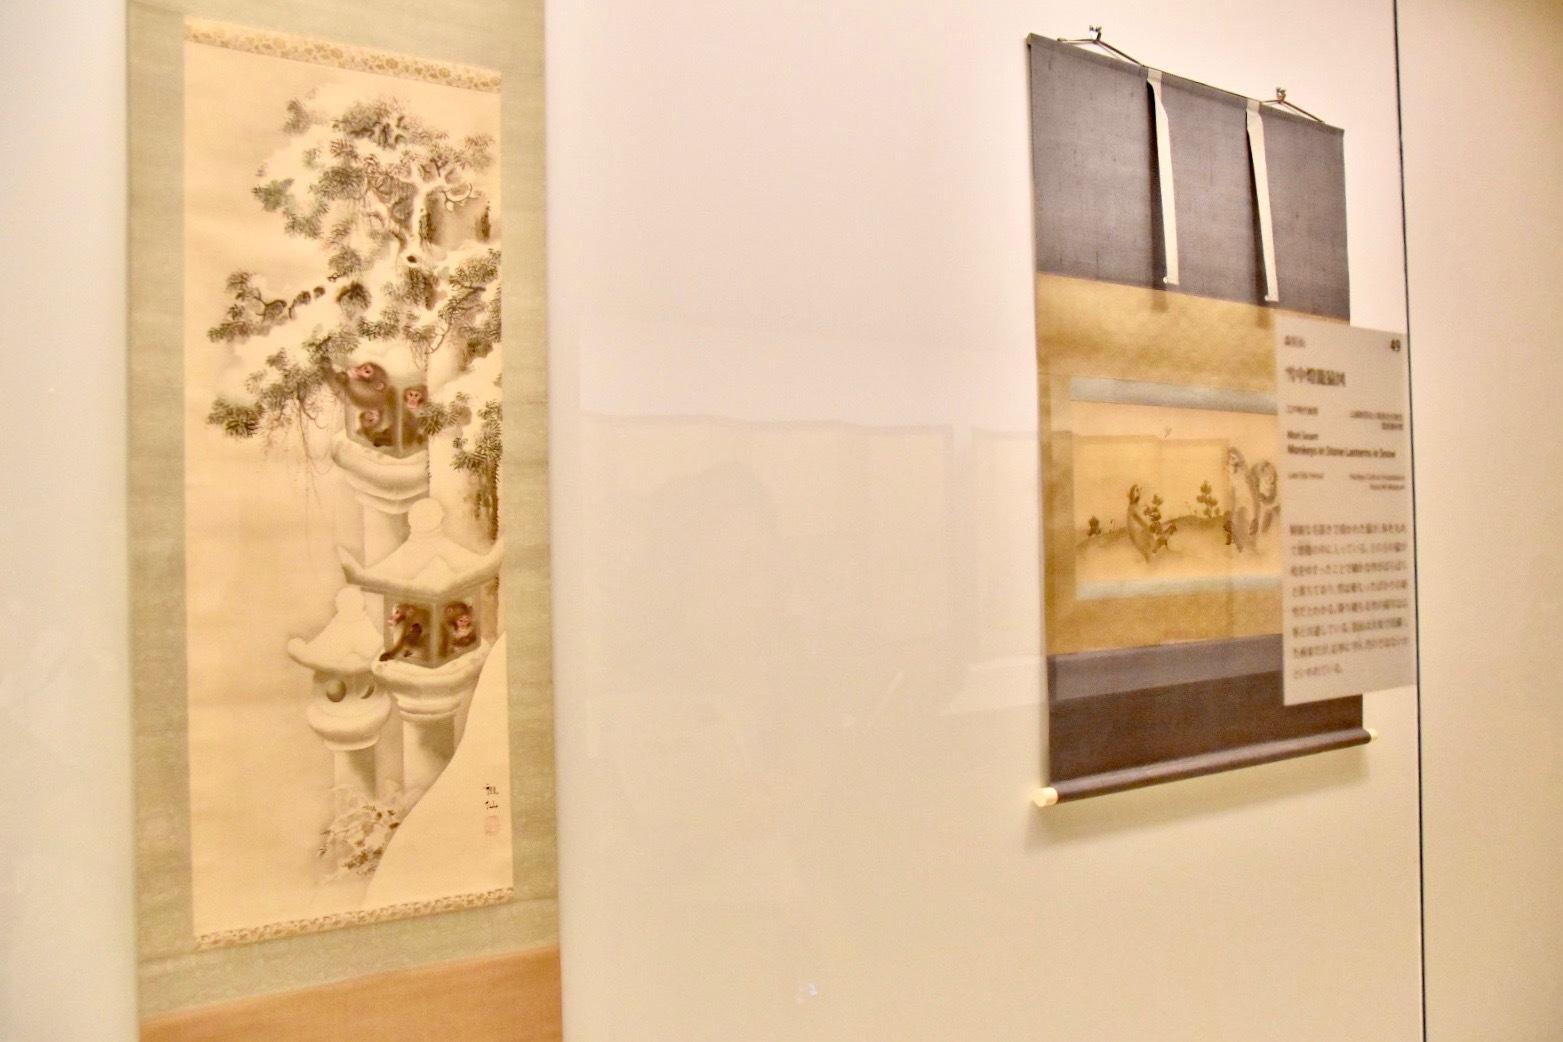 左:森狙仙 《雪中燈籠猿図》 江戸時代後期 公益財団法人阪急文化財団 逸翁美術館蔵 東京展:前期展示